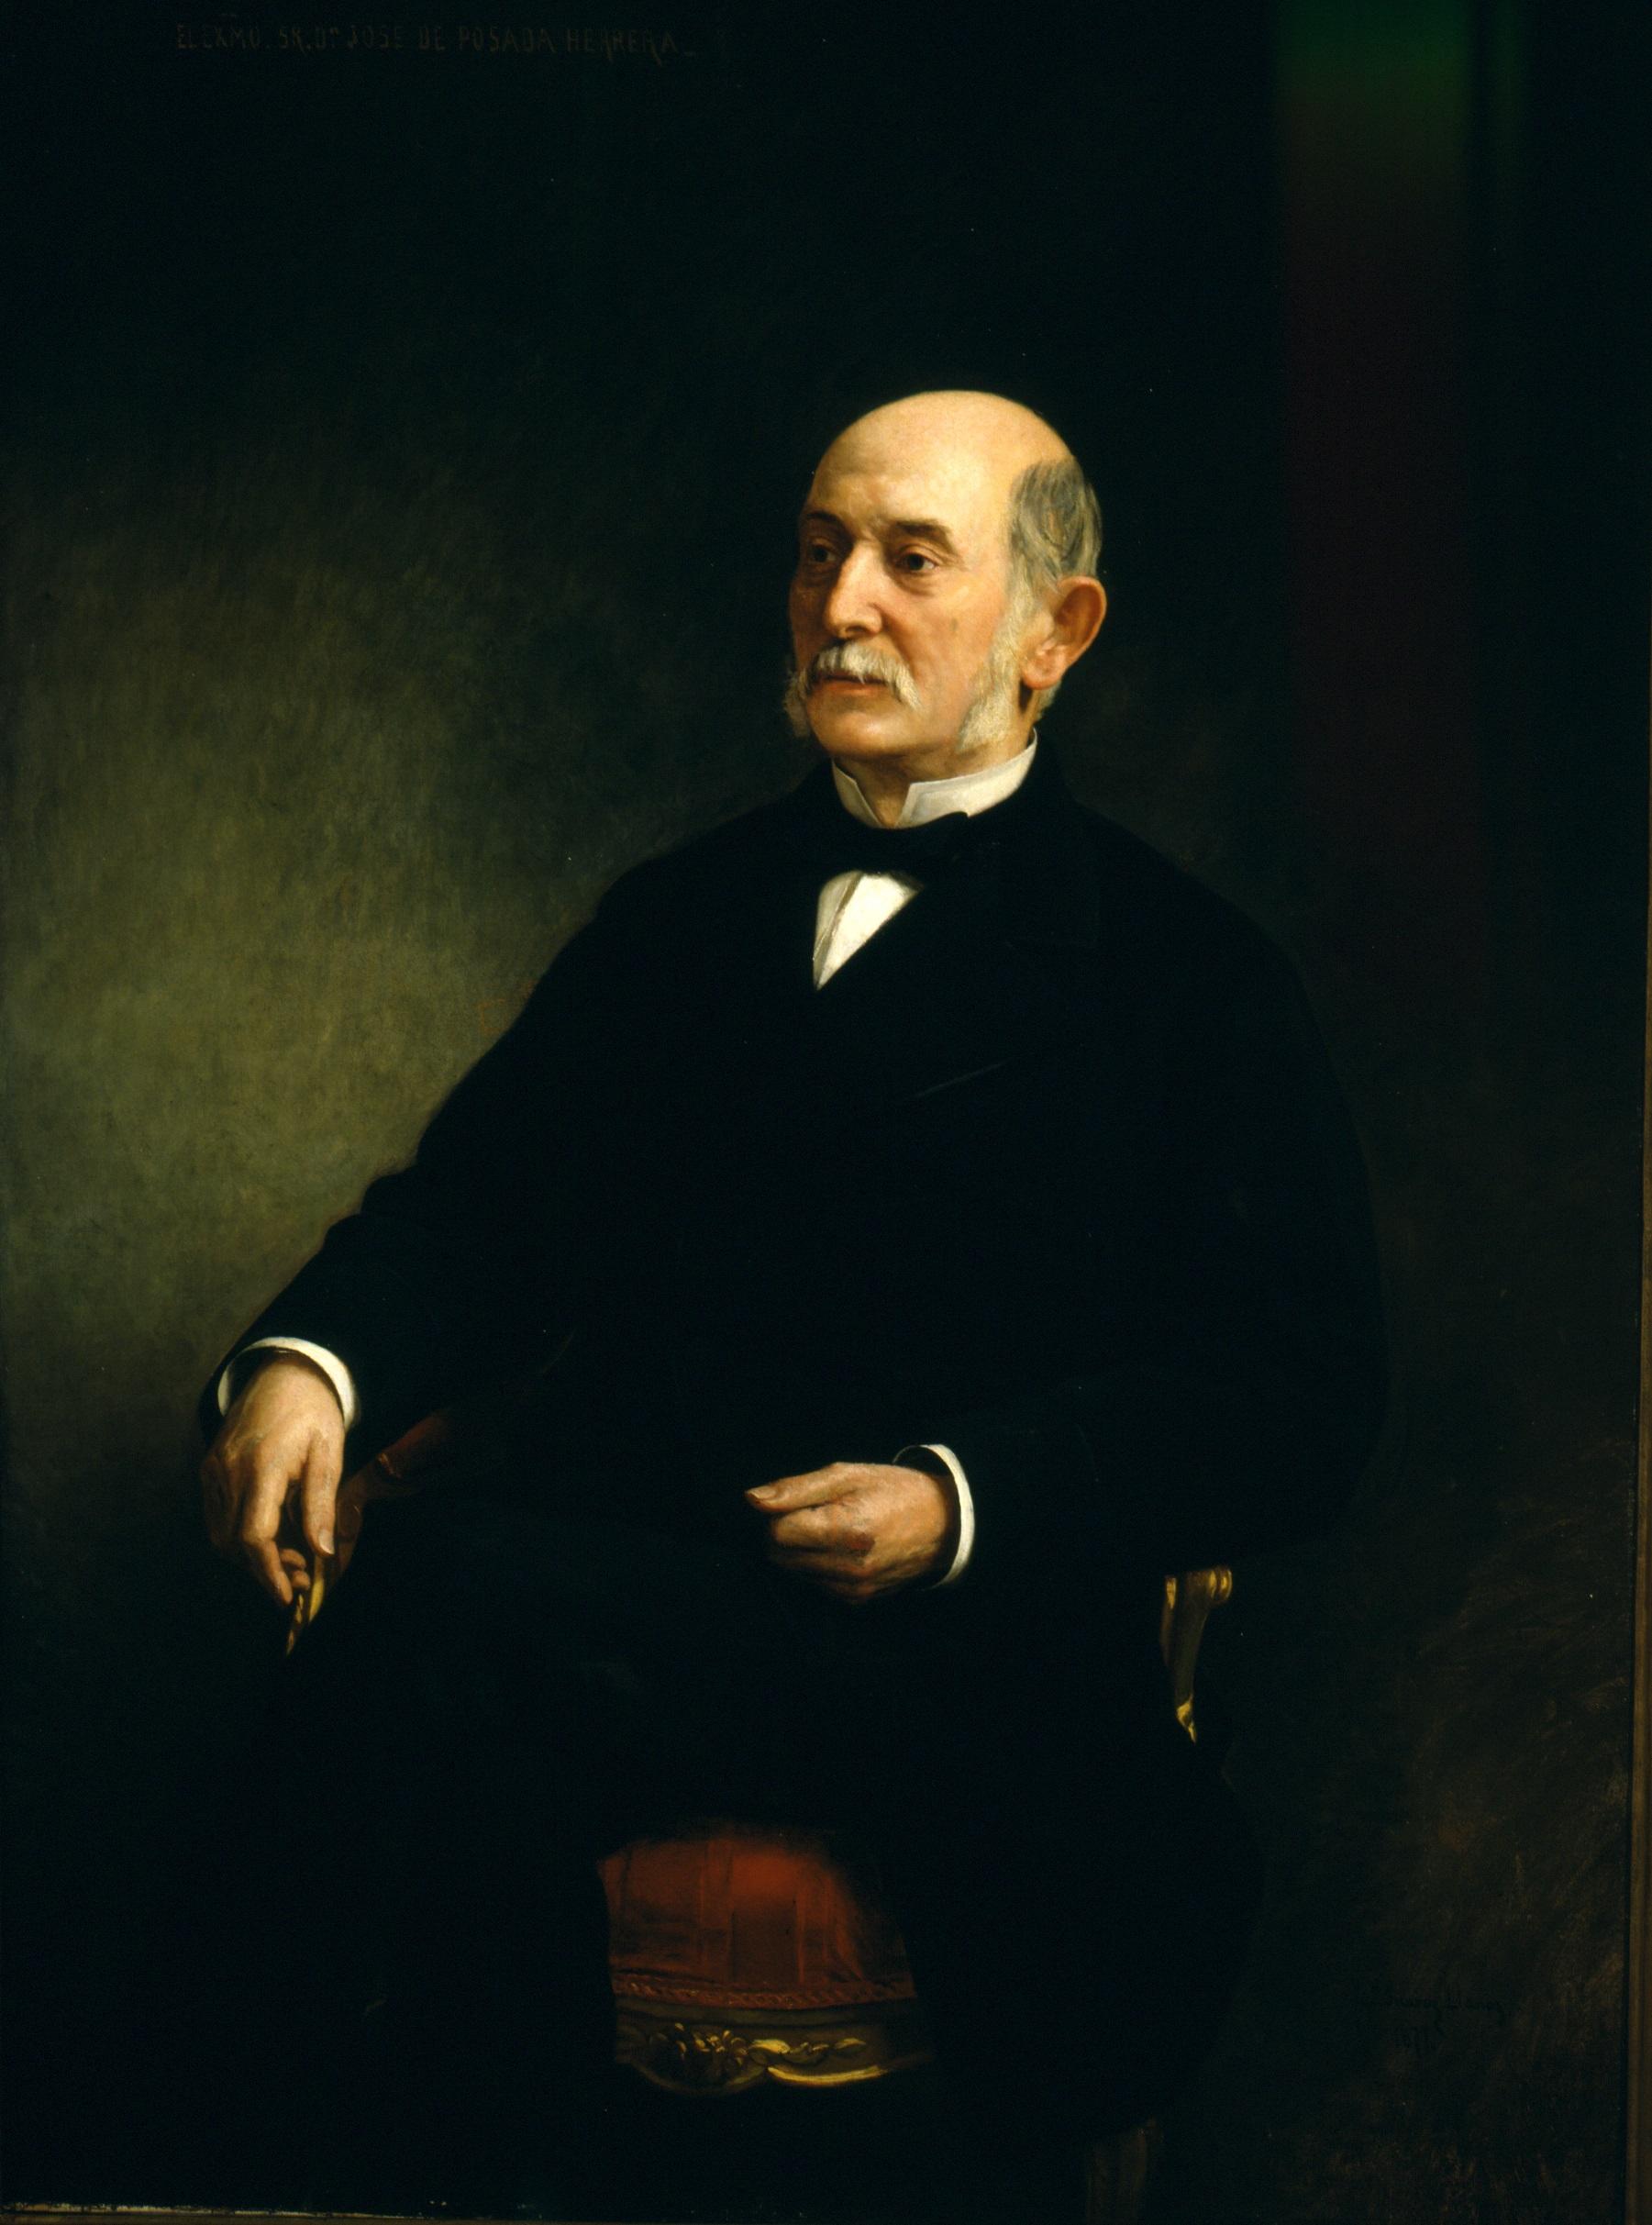 José Posada Herrera retratado por Ignacio Suárez Llanos.